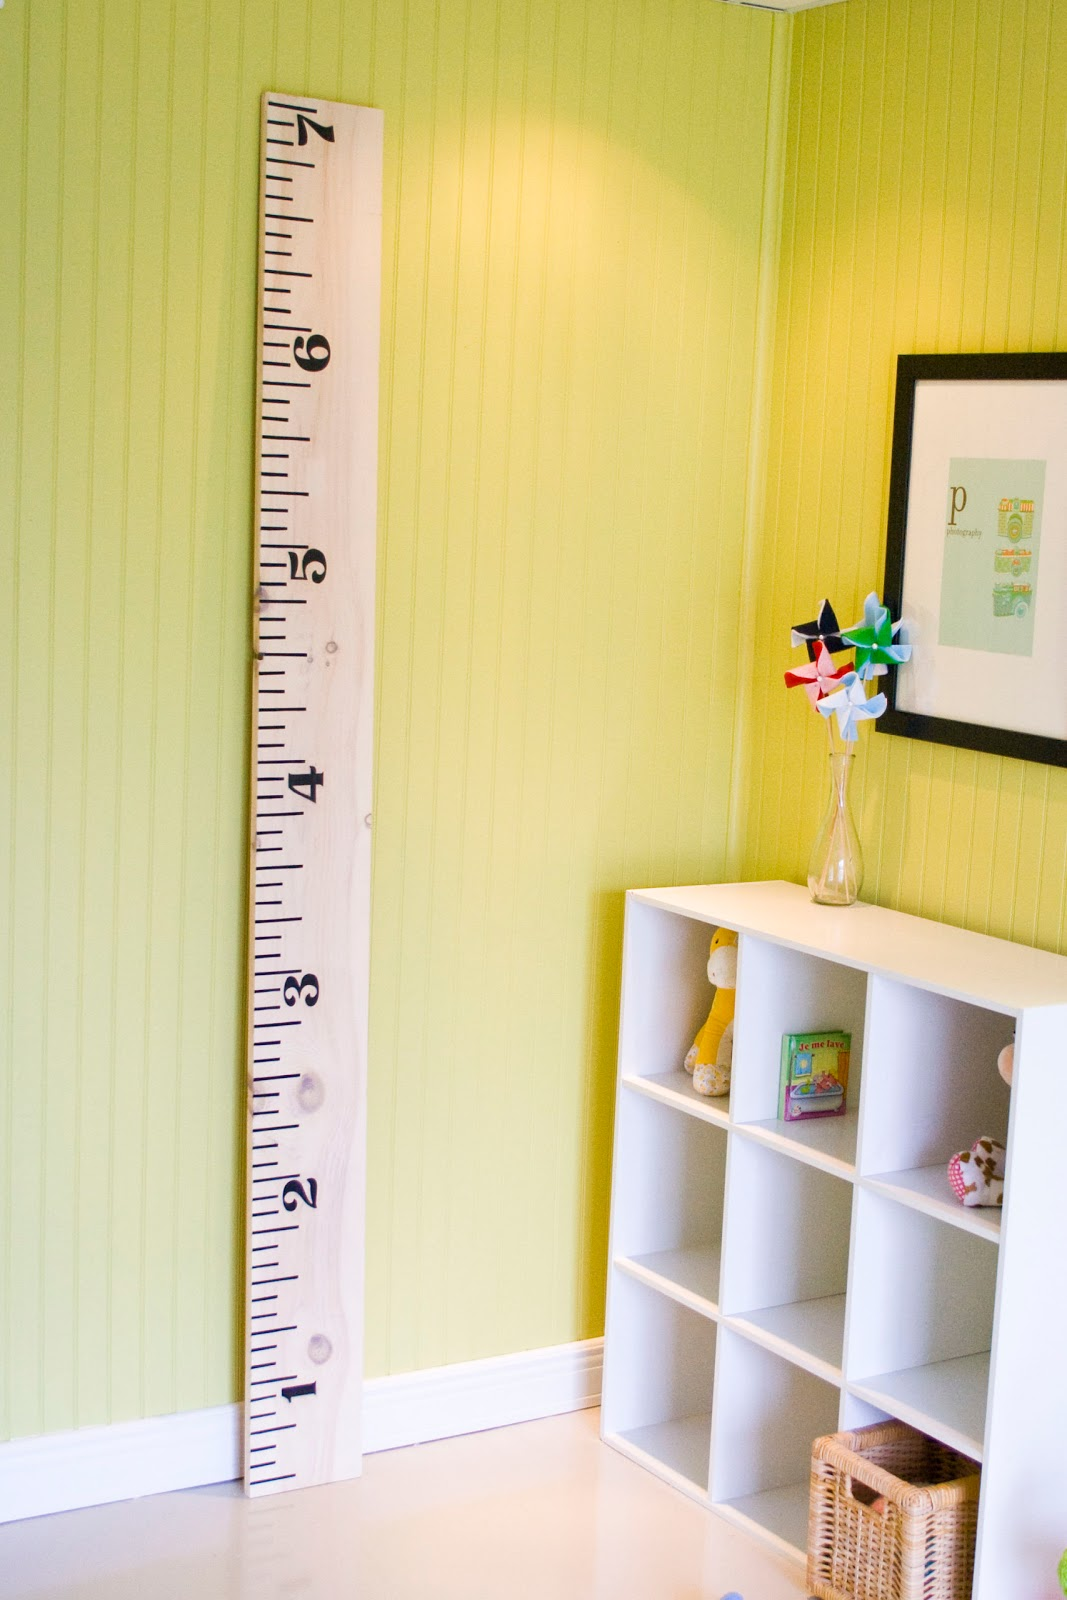 Two sisters one mess tuto r gle mural pour mesurer les enfants challenge cr atif 12 mois 12 - Regle pour mesurer ...